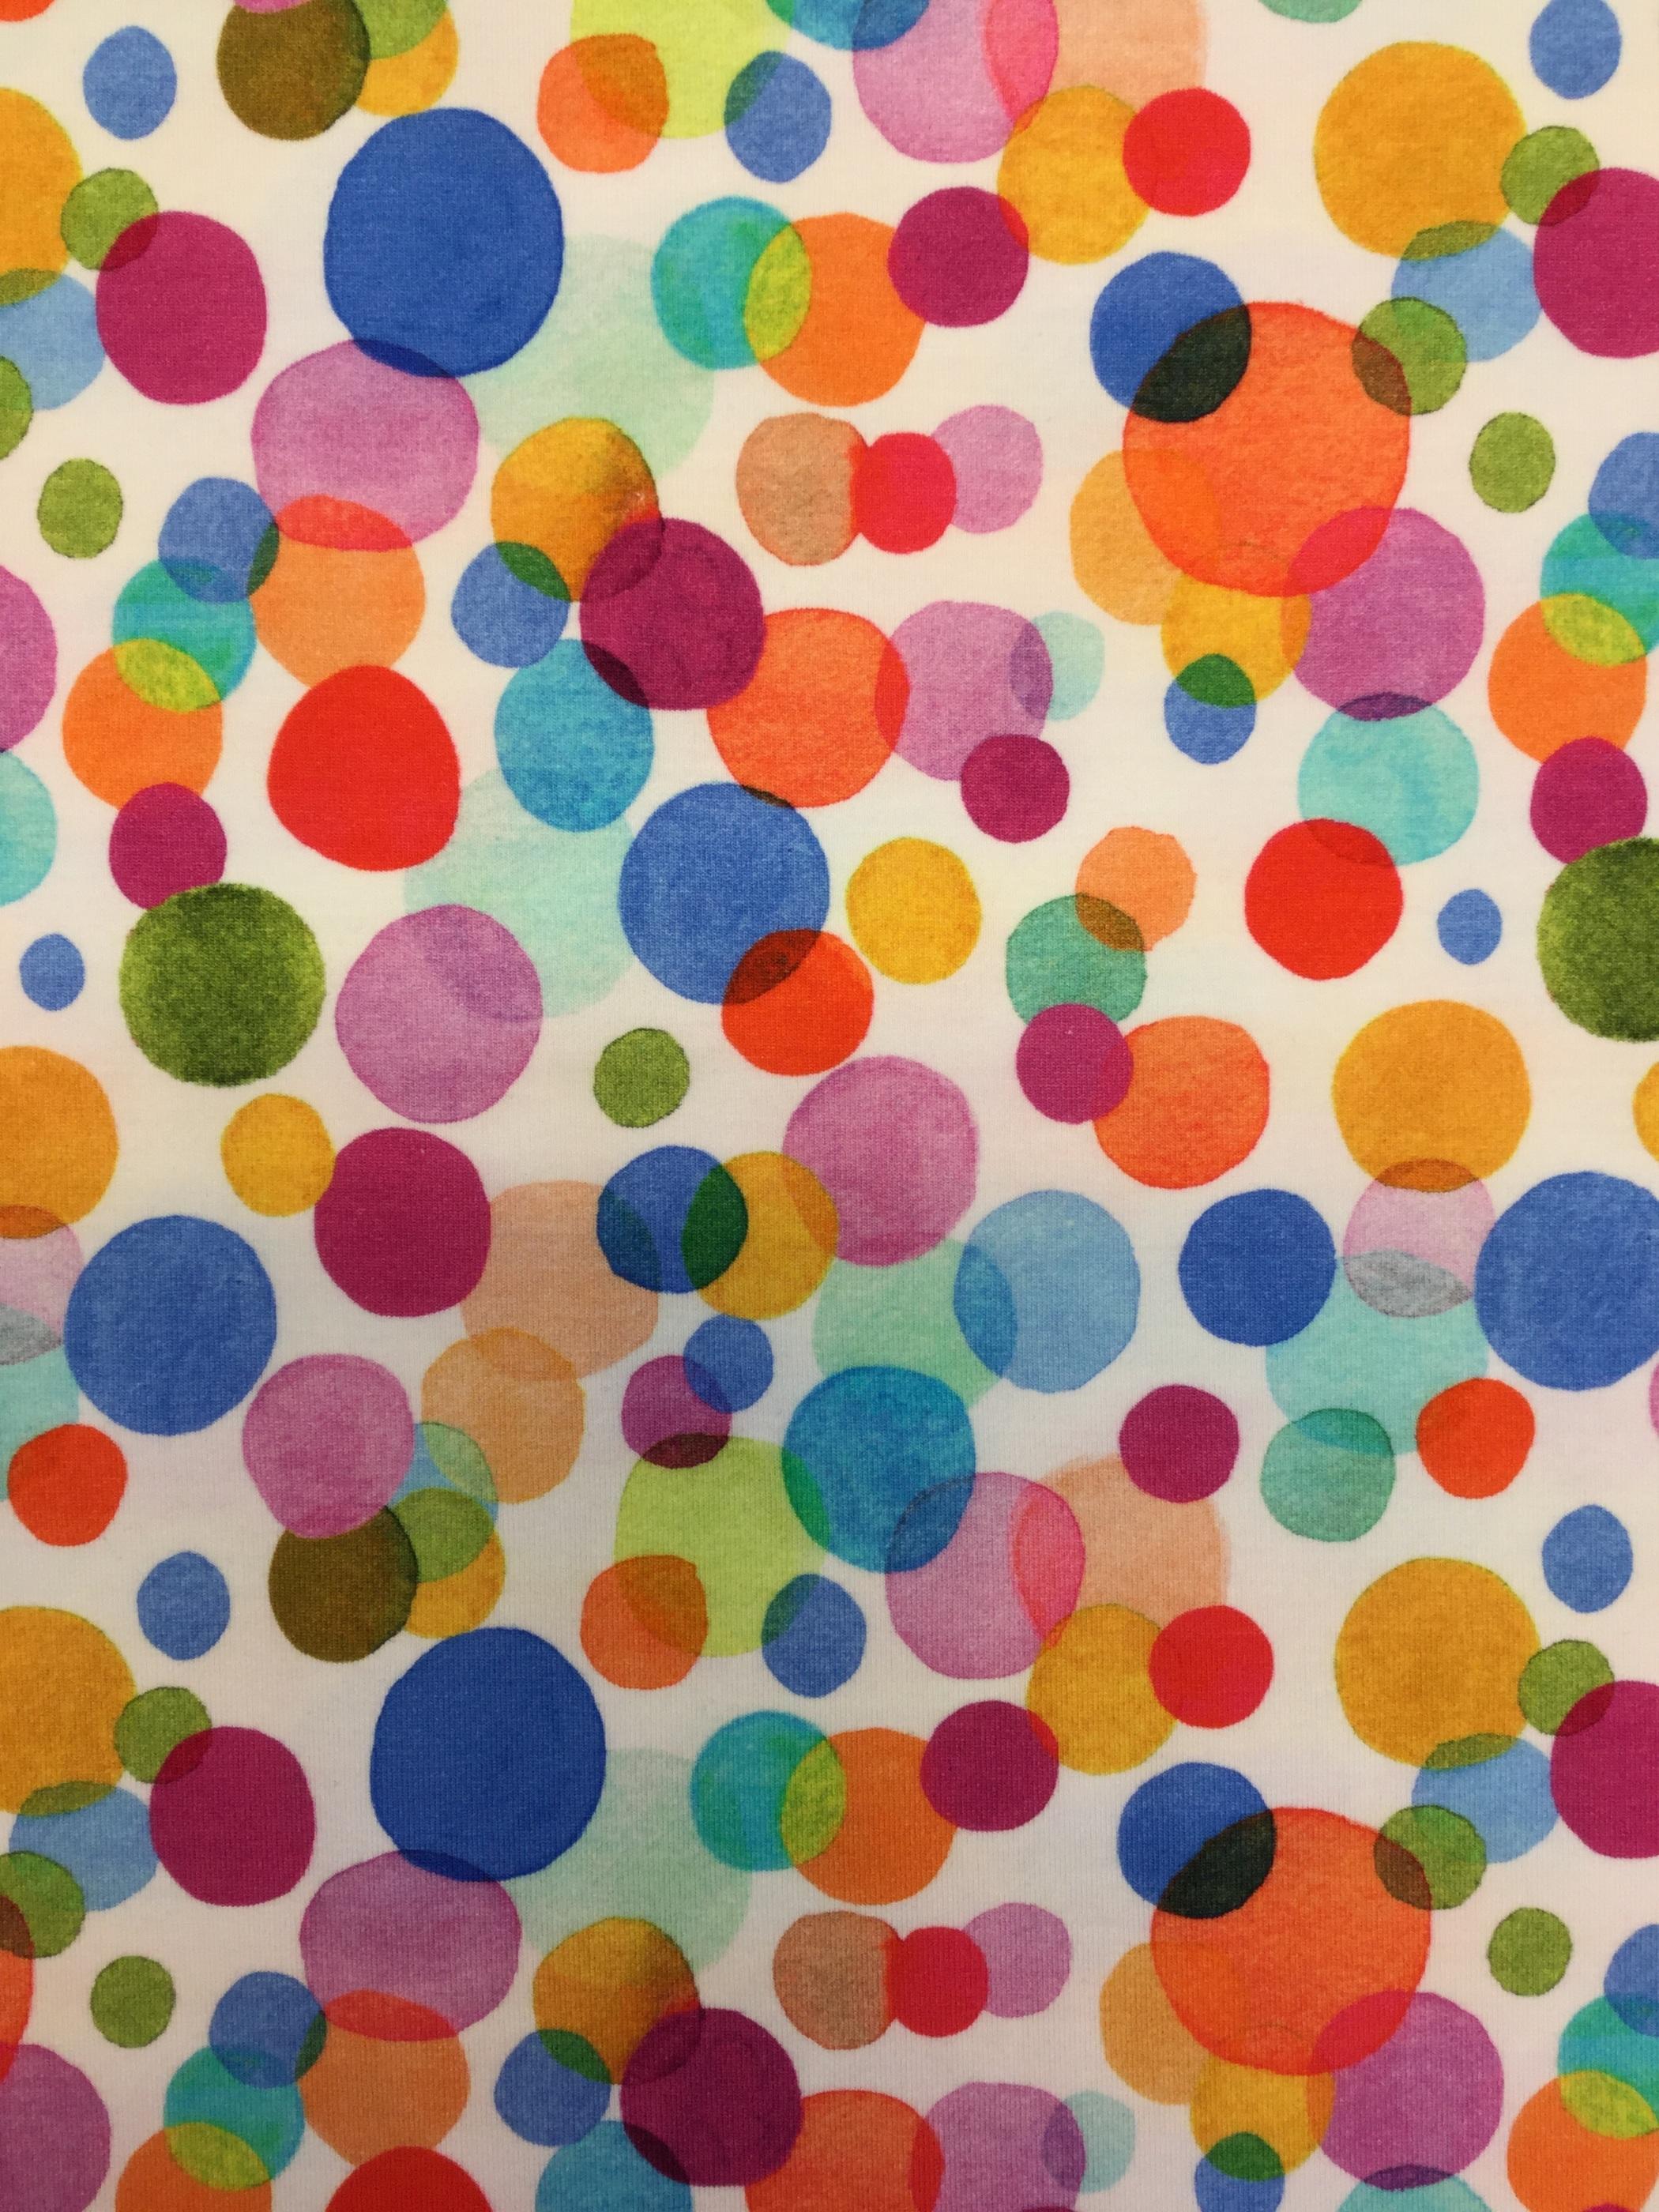 bubbelgum trikå bomull prickar färgglad öko tex Tyglust metervara